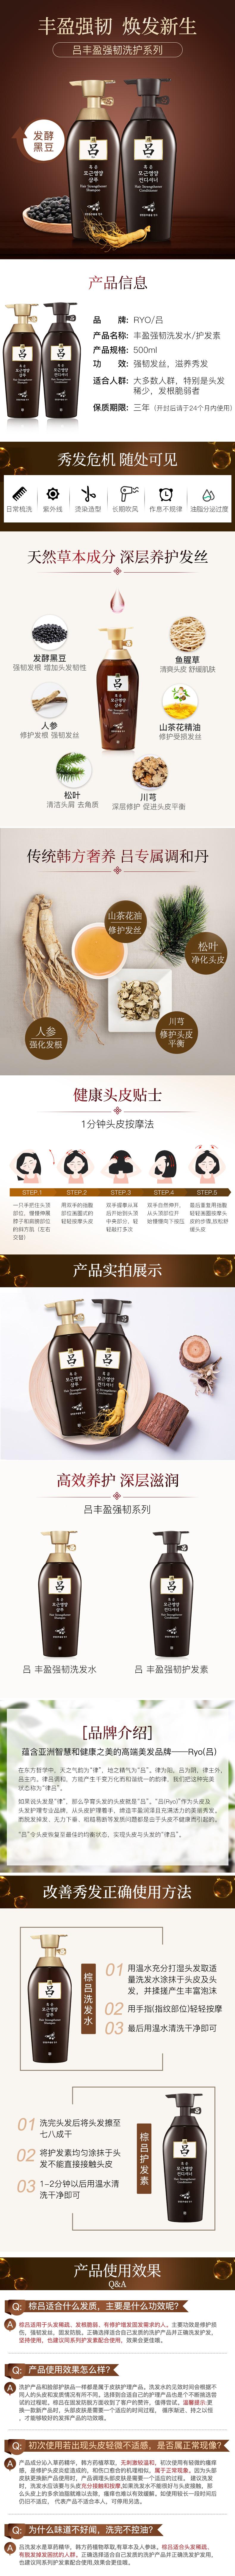 韩国原装进口 爱茉莉旗下 红/绿/棕吕 洗发水500ml*2瓶+护发素500ml 图4